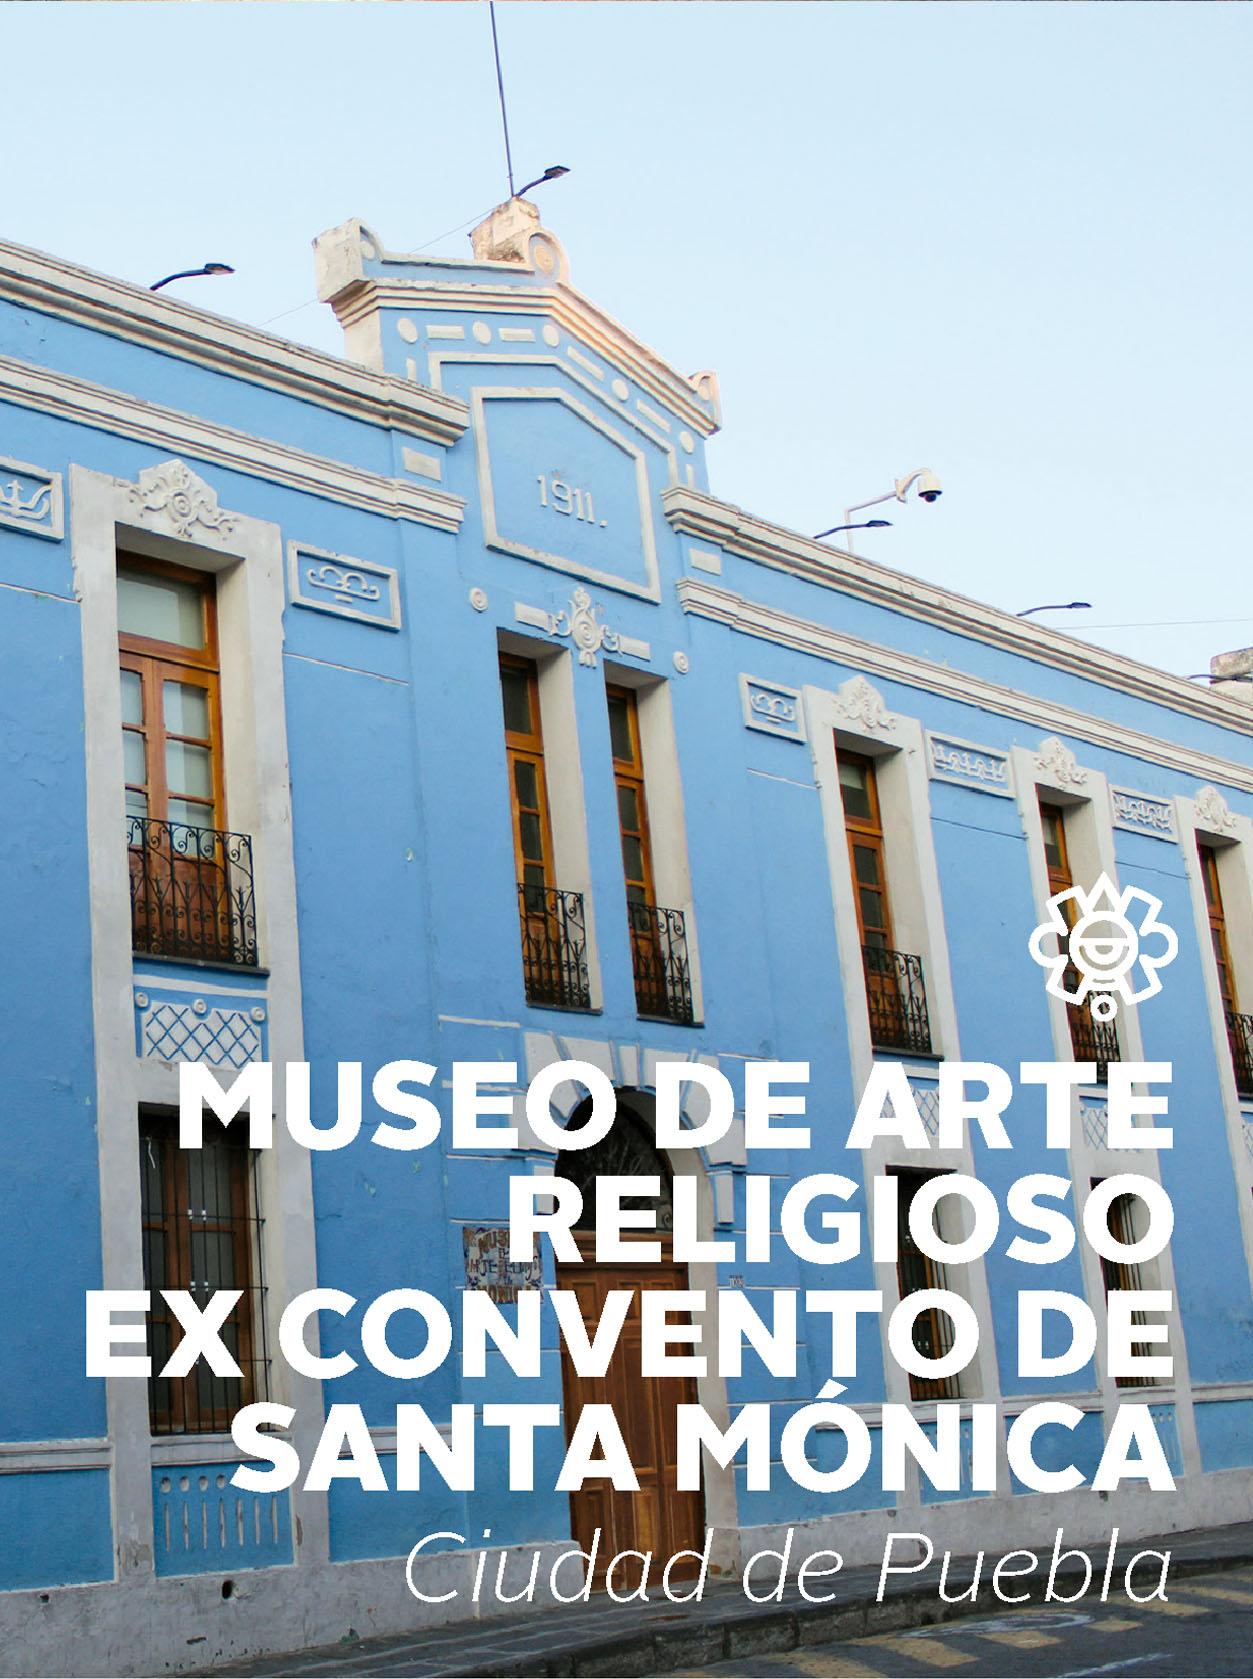 Museo de Arte Religioso ex convento de Santa Mónica